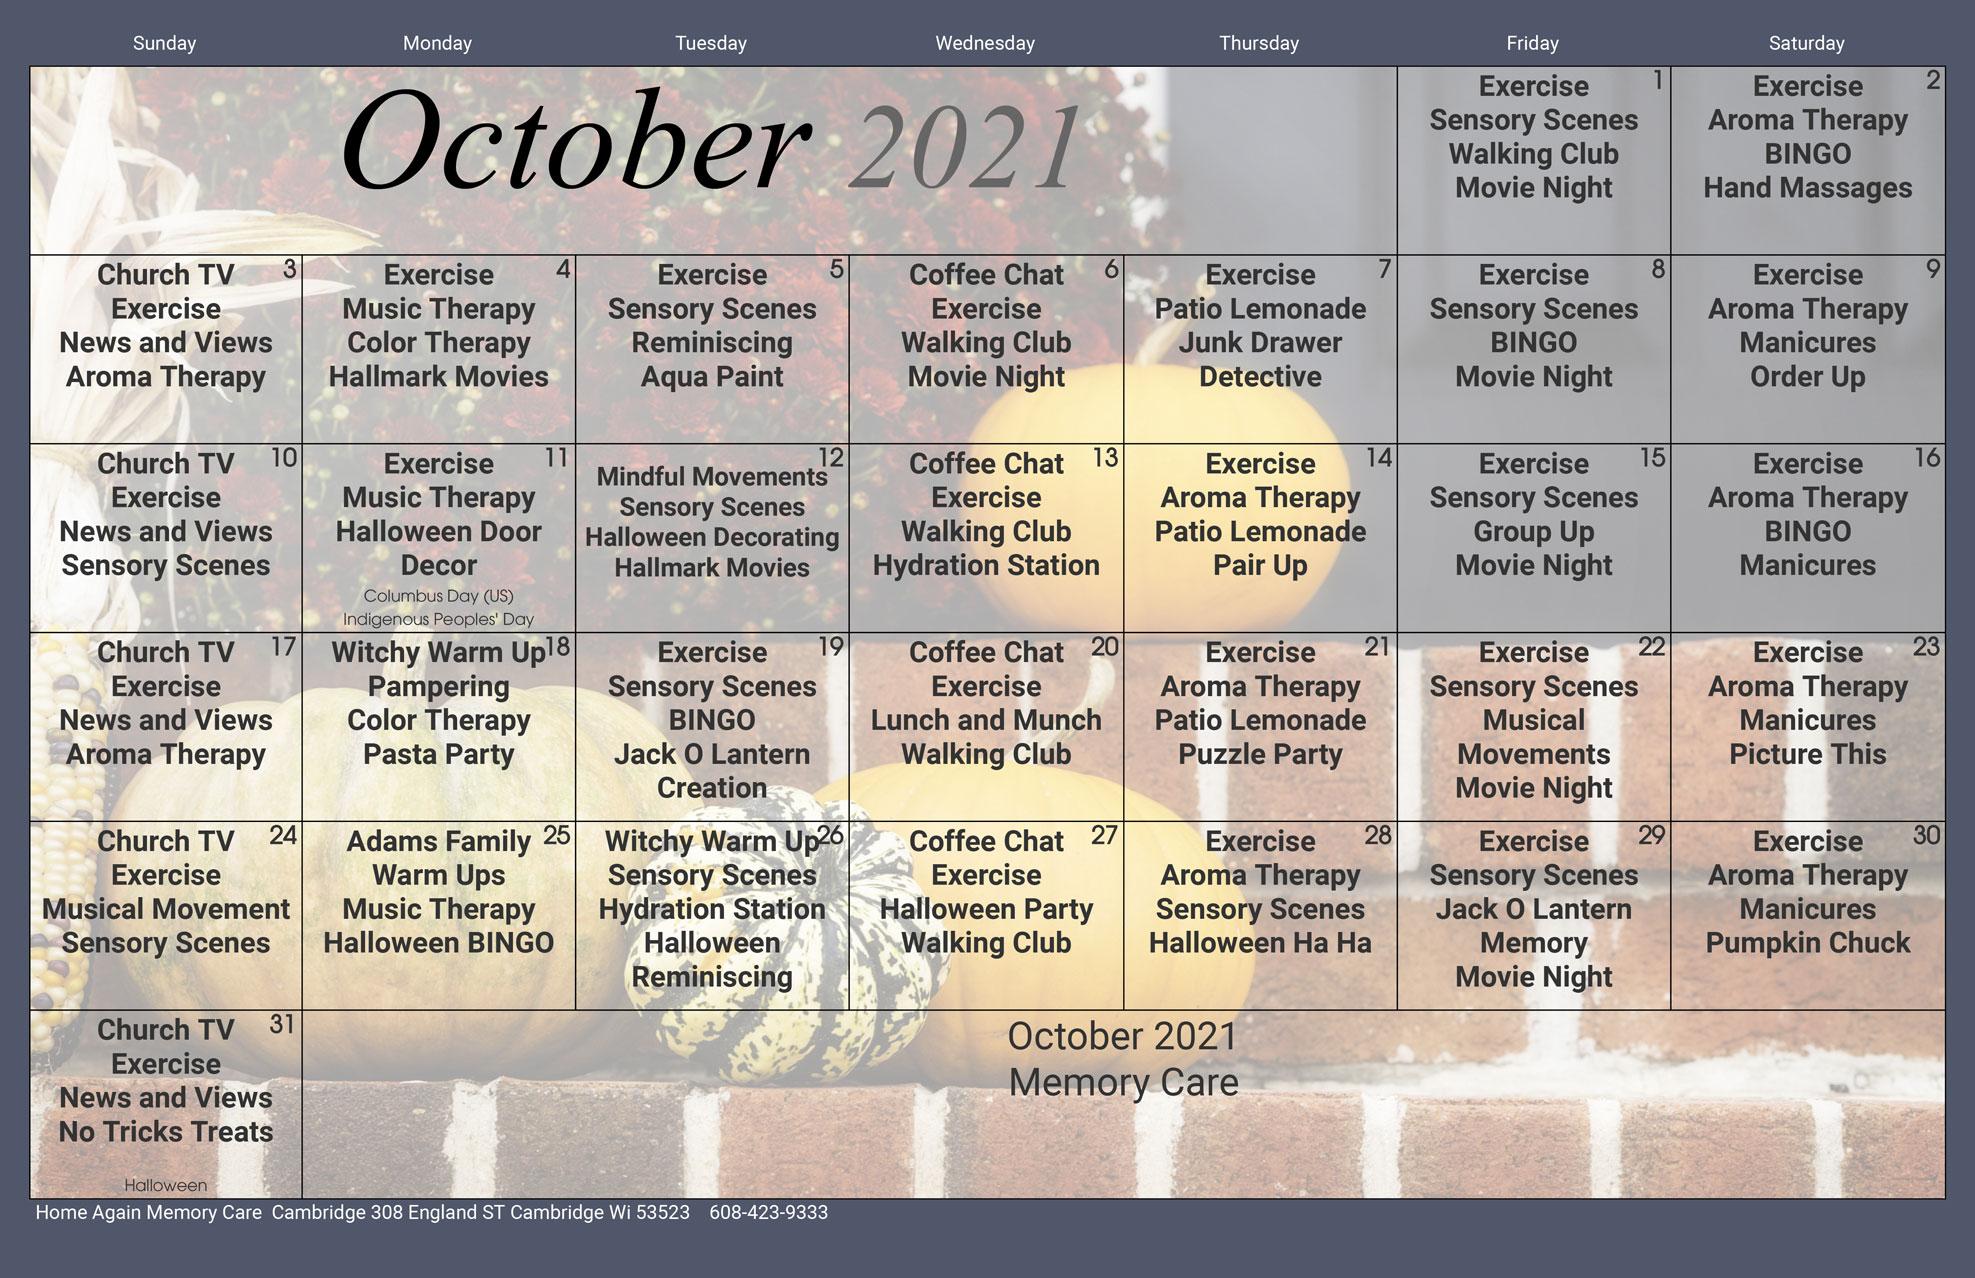 Cambridge Memory Care October 2021 Activity Calendar